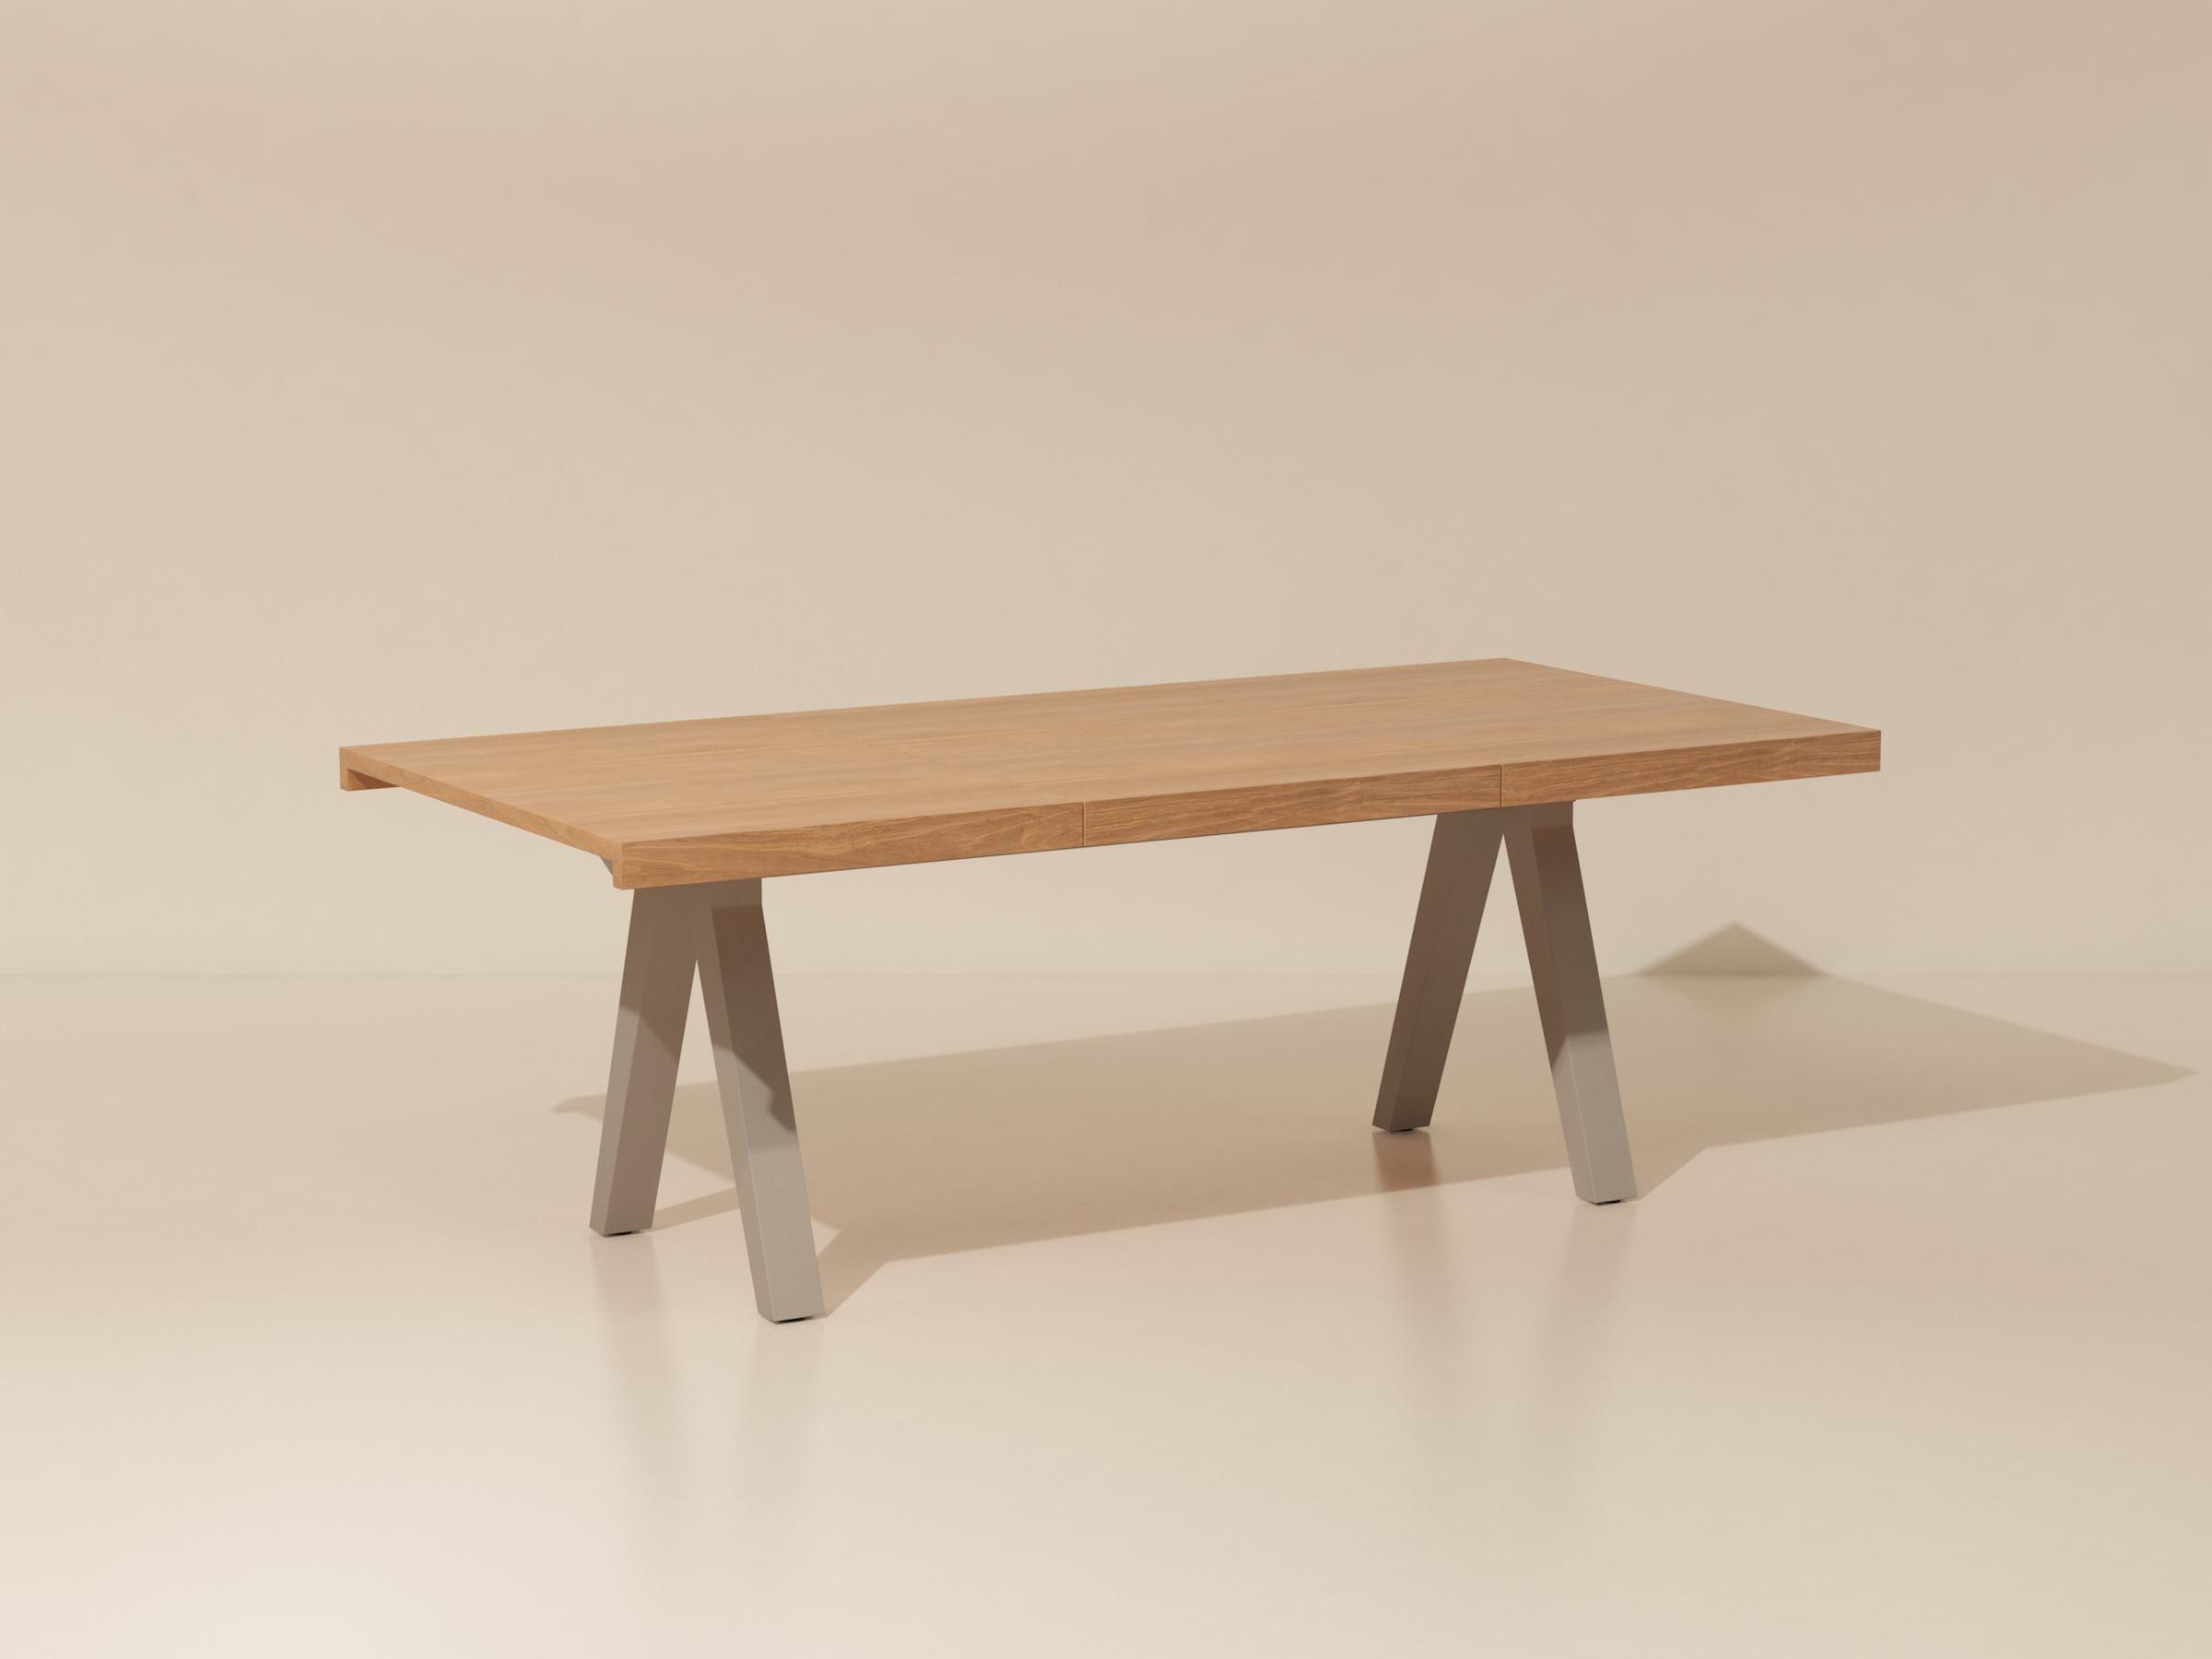 Kettal | Vieques | Table repas 210x101 | mobilier jardin | Pinterest ...